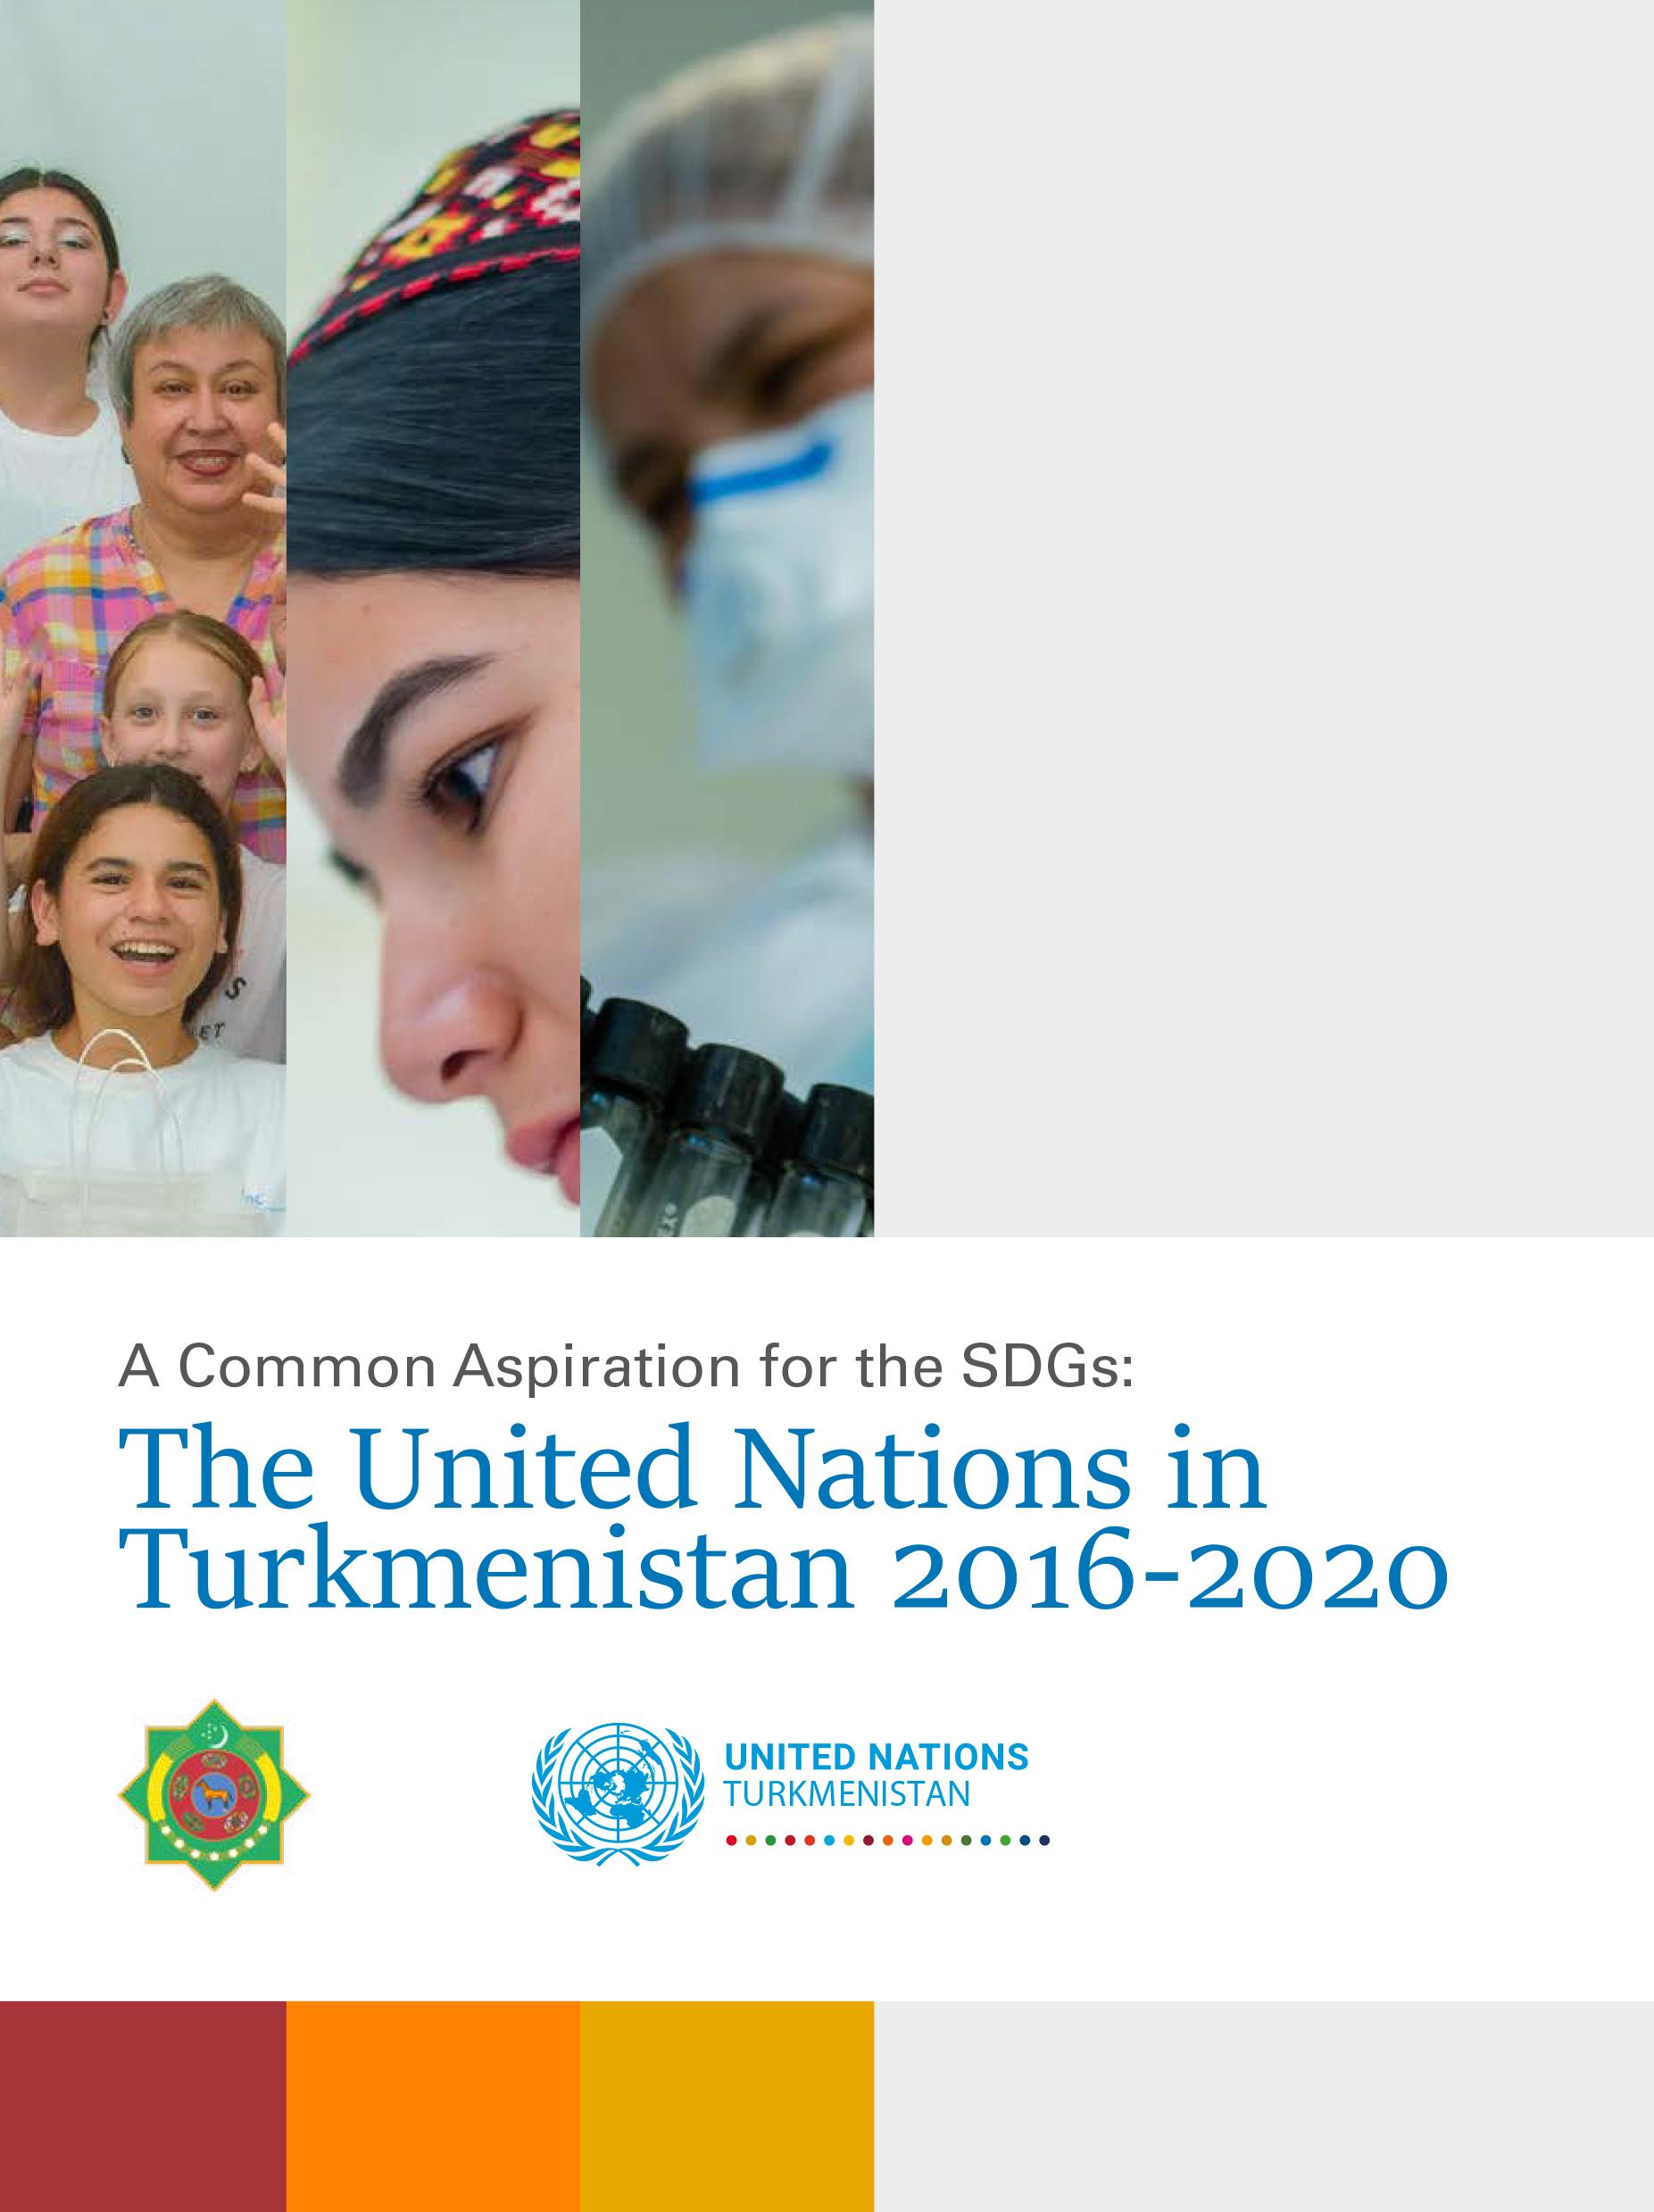 Durnukly osüş maksatlary amala aşyrmakda bilelikdäki hyjuw:Birleşen Milletler Guramasy Türkmenistanda: 2016-2020 ýyllar